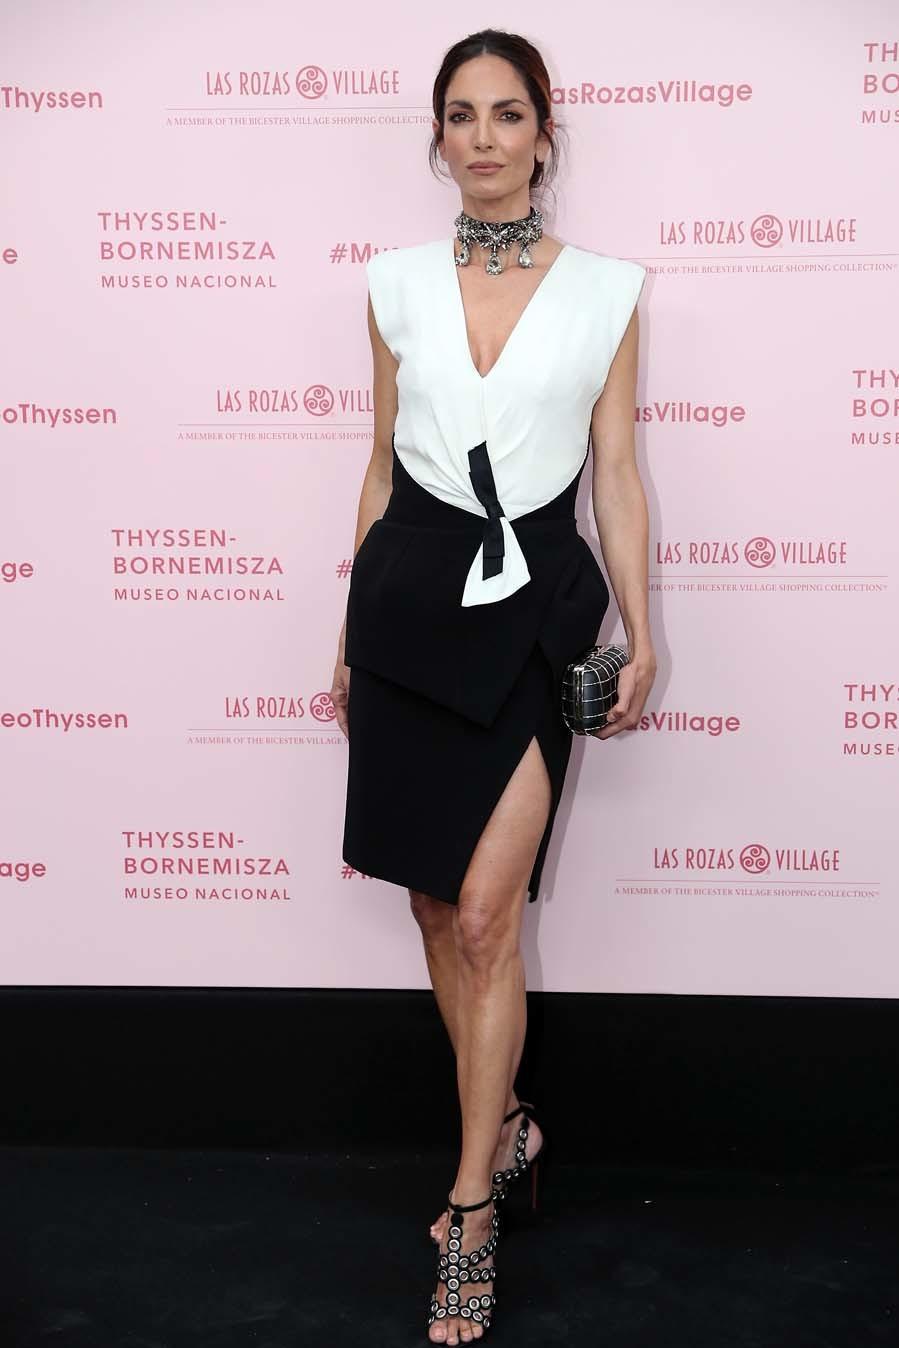 Eugenia eligió un vestido en blanco y negro de <strong> Balenciaga by Nicolas Ghesquière</strong> , de largo midi y escote en uve. Como complementos, sandalias de<strong> Azzedine Alaia</strong>, clutch  y una espectacular gargantilla de <strong>Givenchy</strong>.